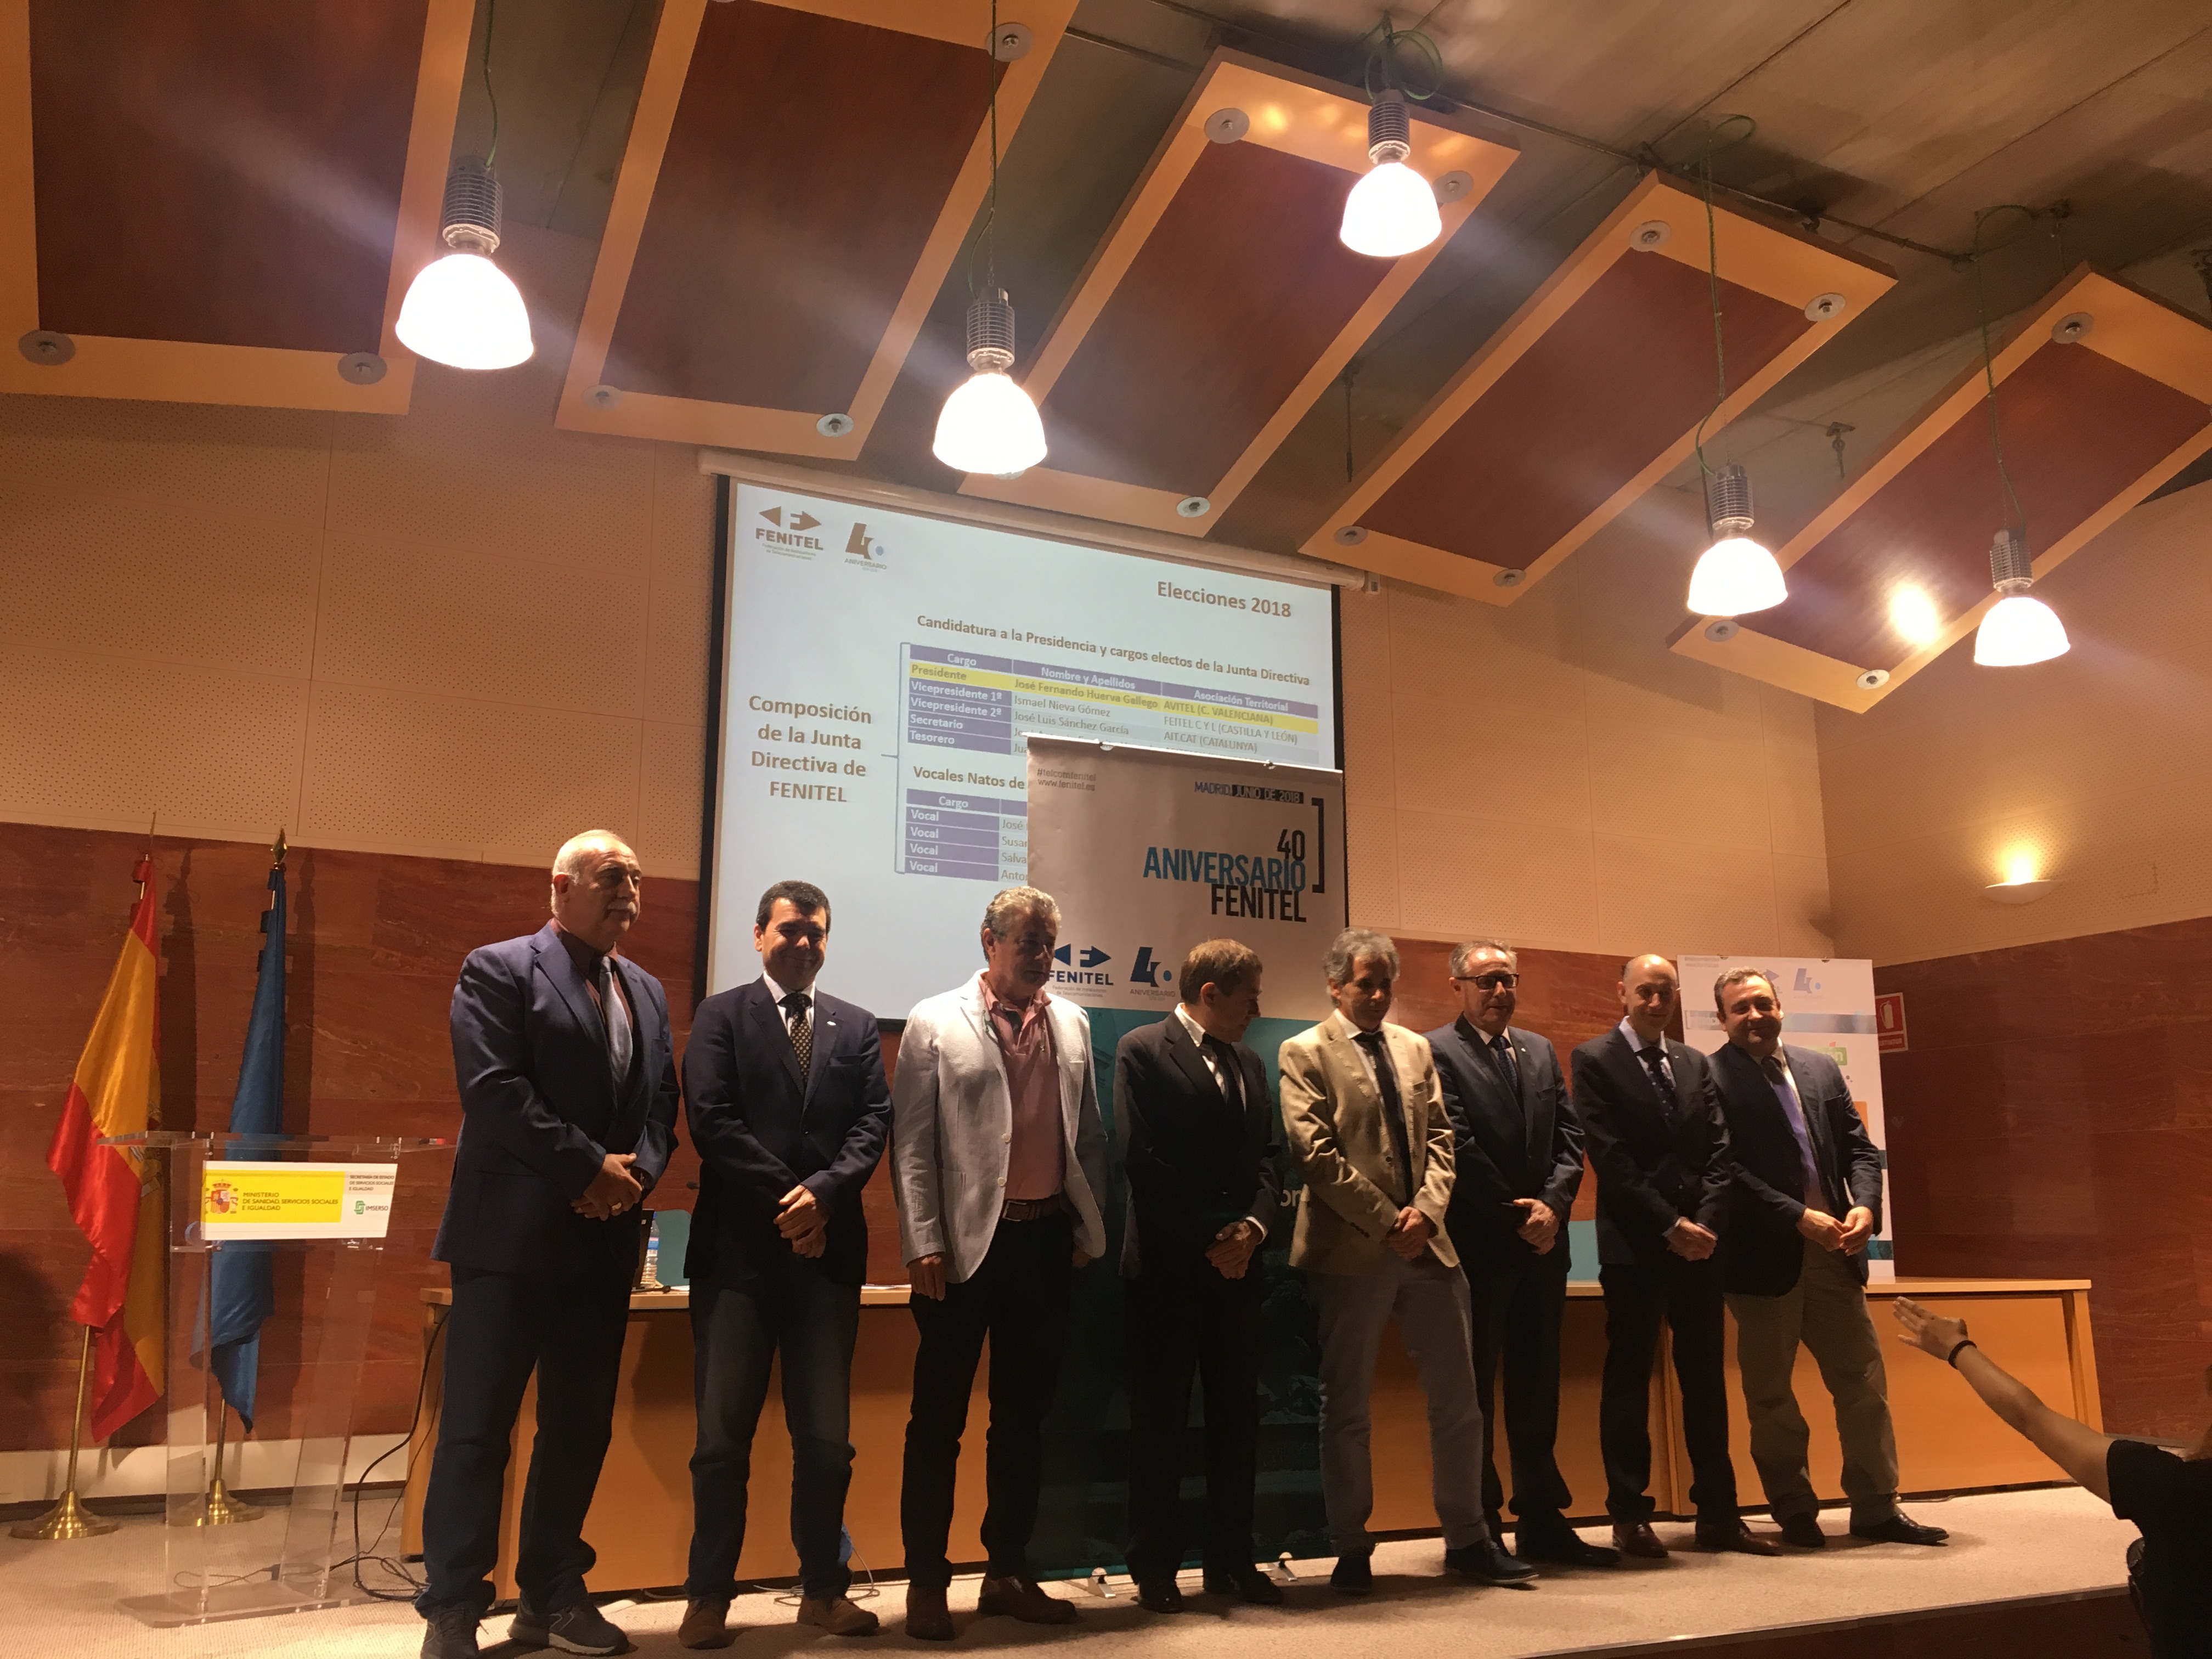 Amplia participación asturiana en el 40 Aniversario de FENITEL 7 Durante los días 21 y 22 de junio, una amplia delegación de Fenitel Asturias participó en la Asamblea General de nuestra Federación Nacional, FENITEL, así